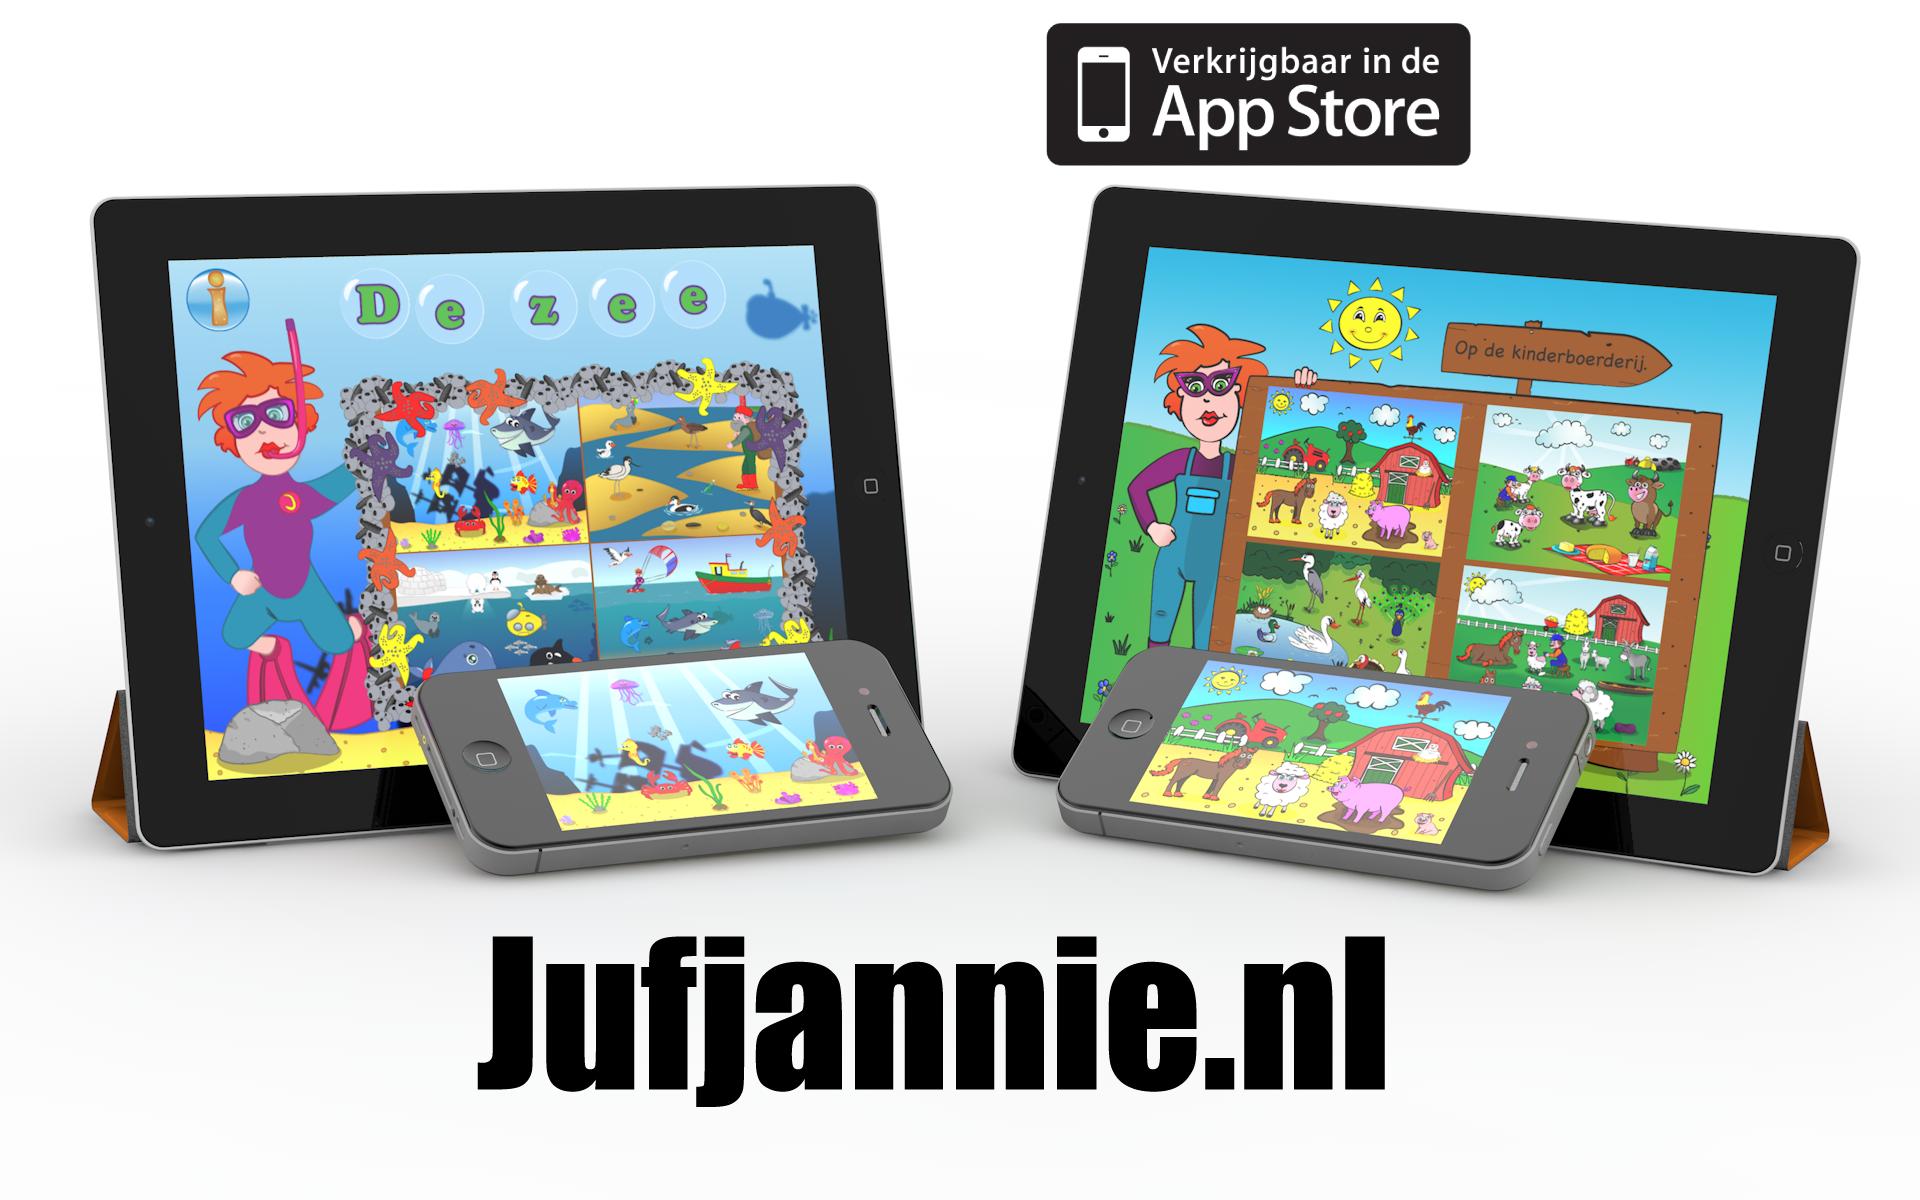 EDUCATIEVE APPS VAN JUFJANNIE.NL